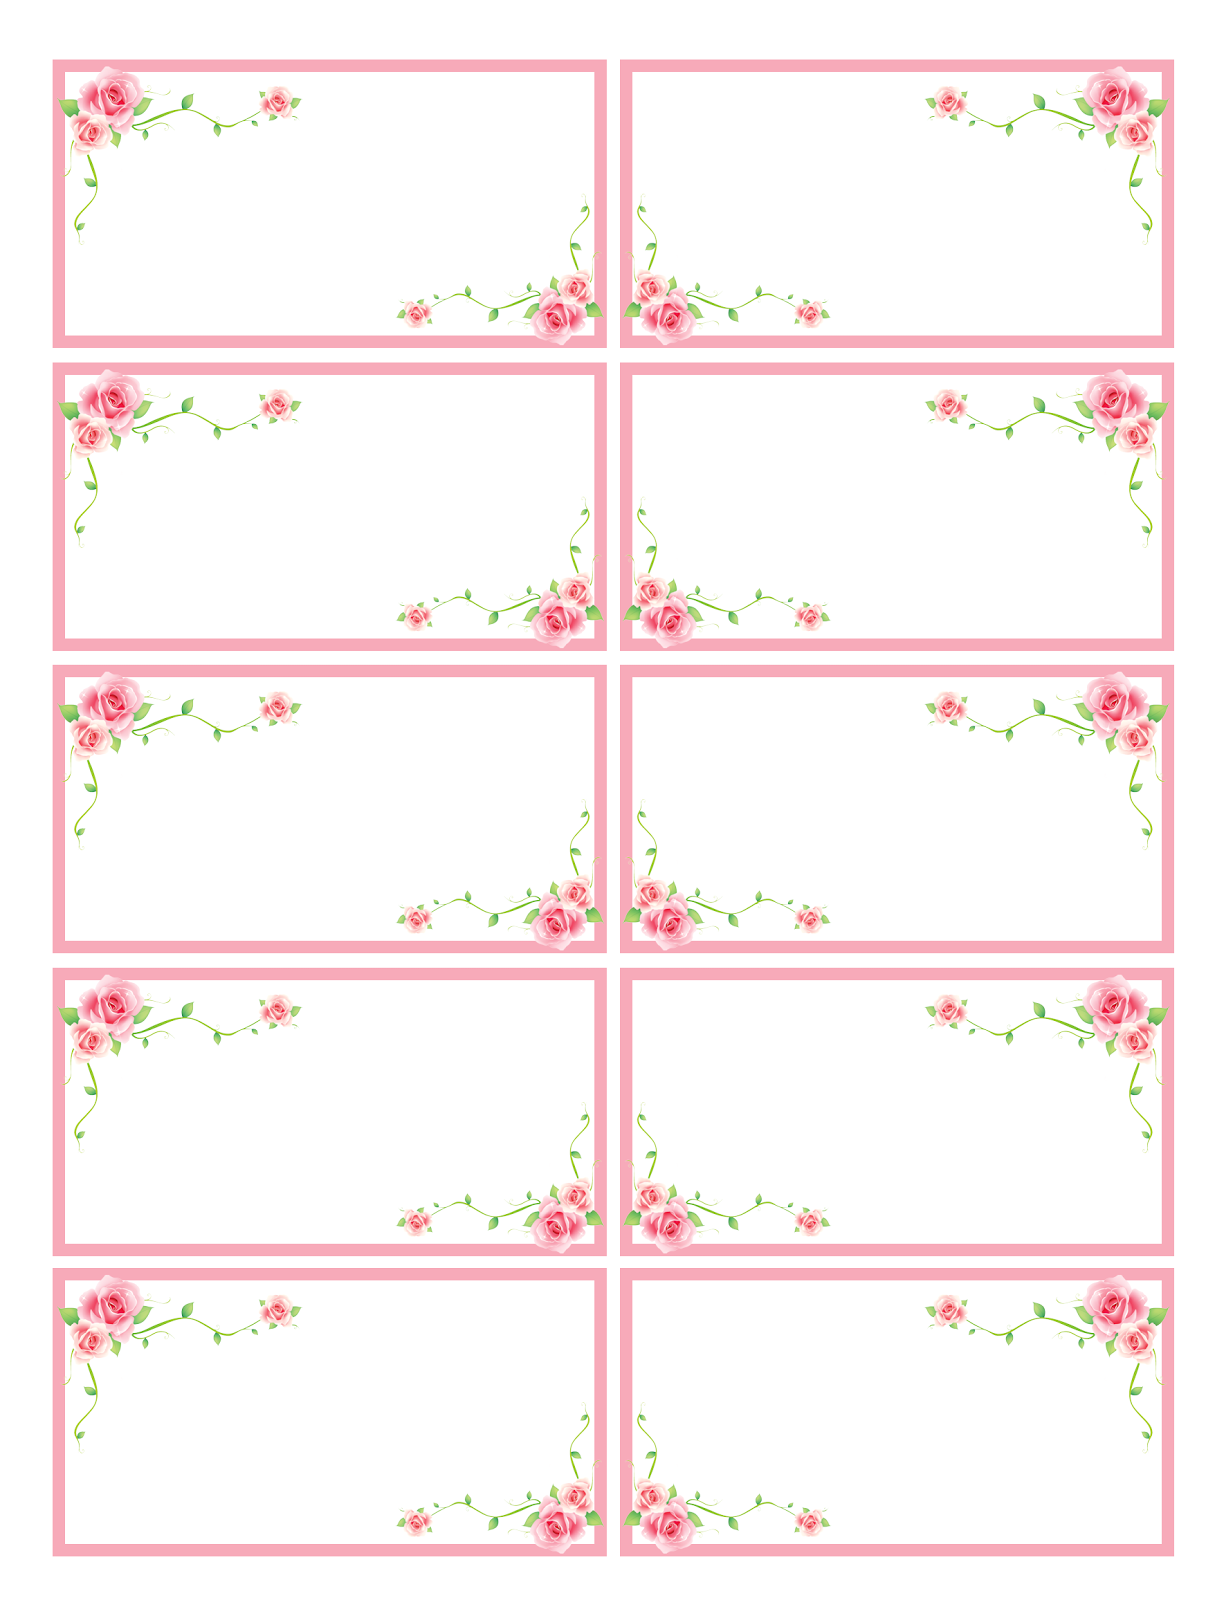 il mio angolo creativo: Etichette fiorite | < Printables ...